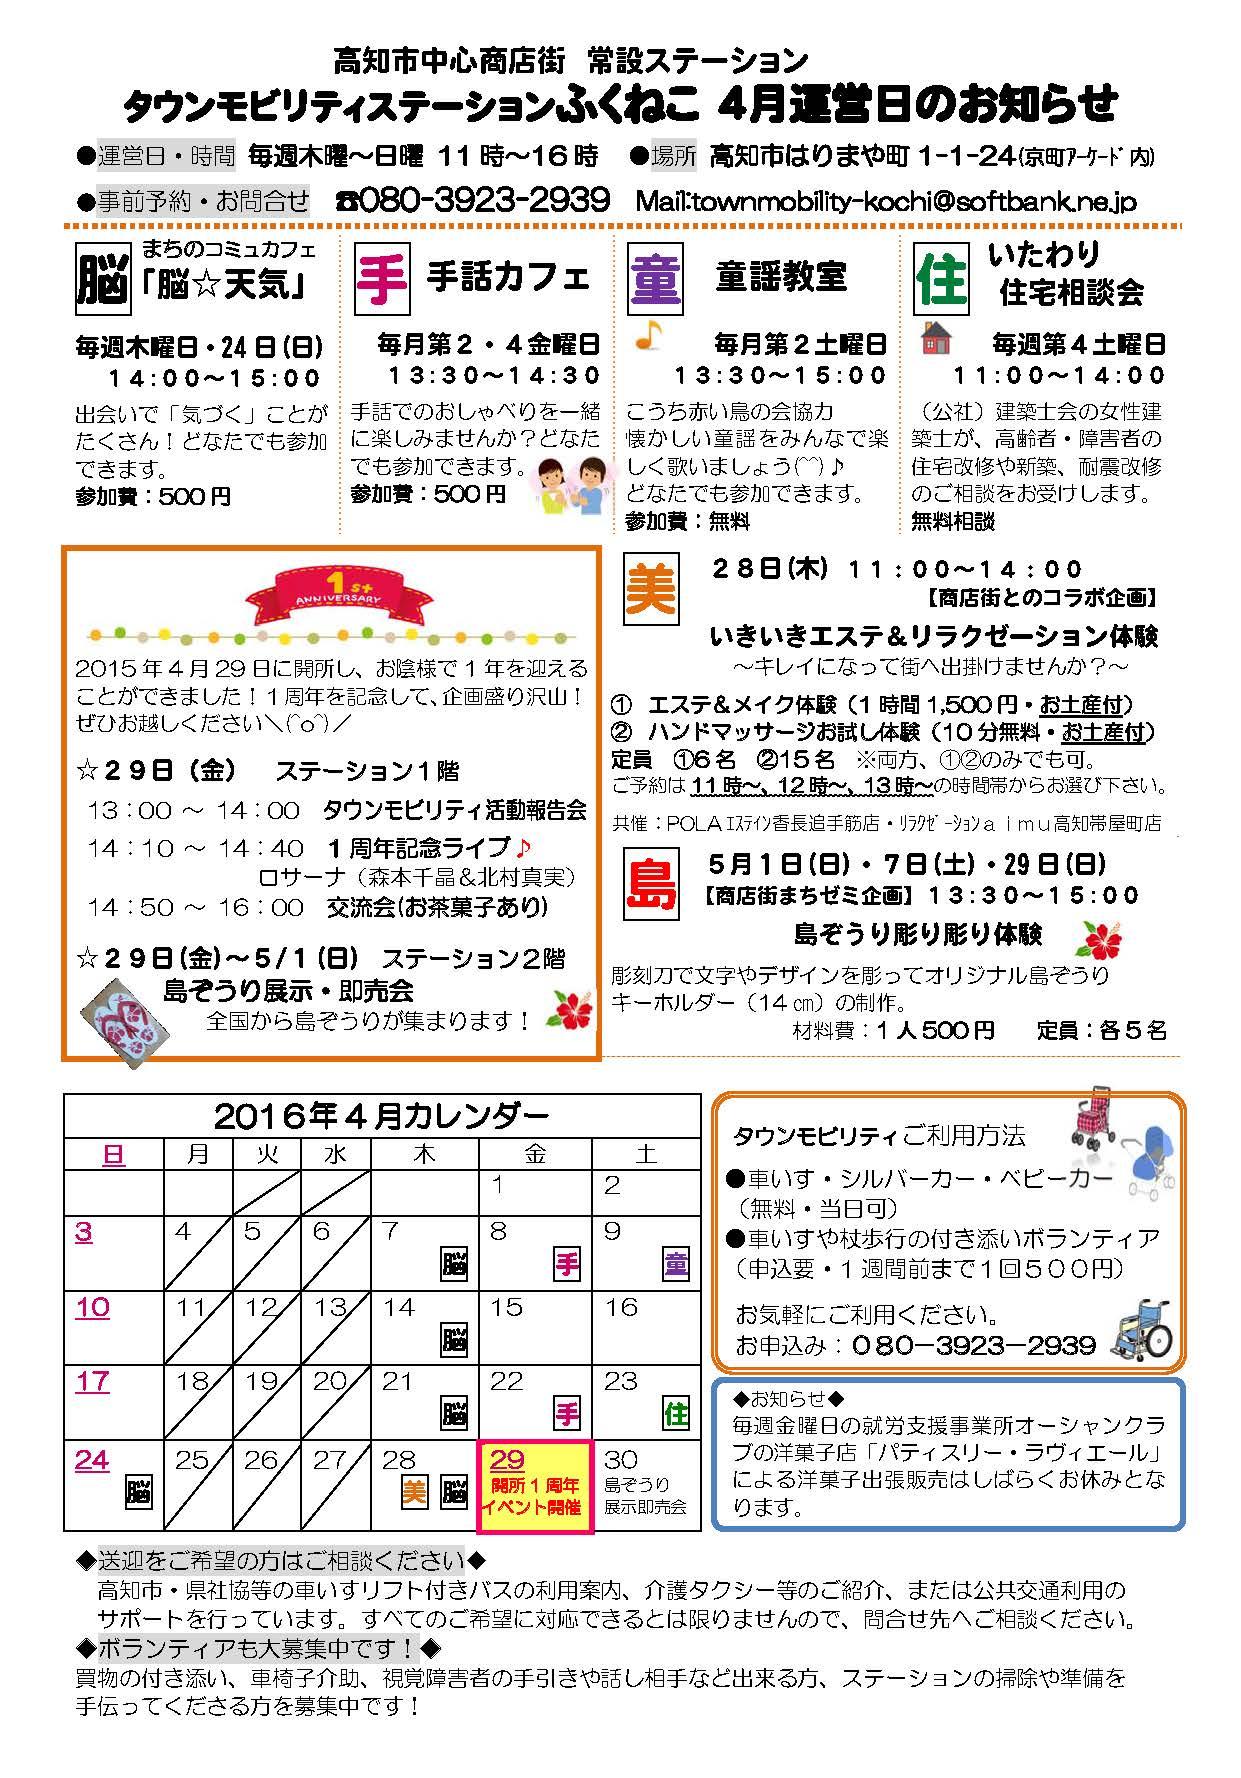 2016年タウンモビリティチラシ(4月)修_ページ_2